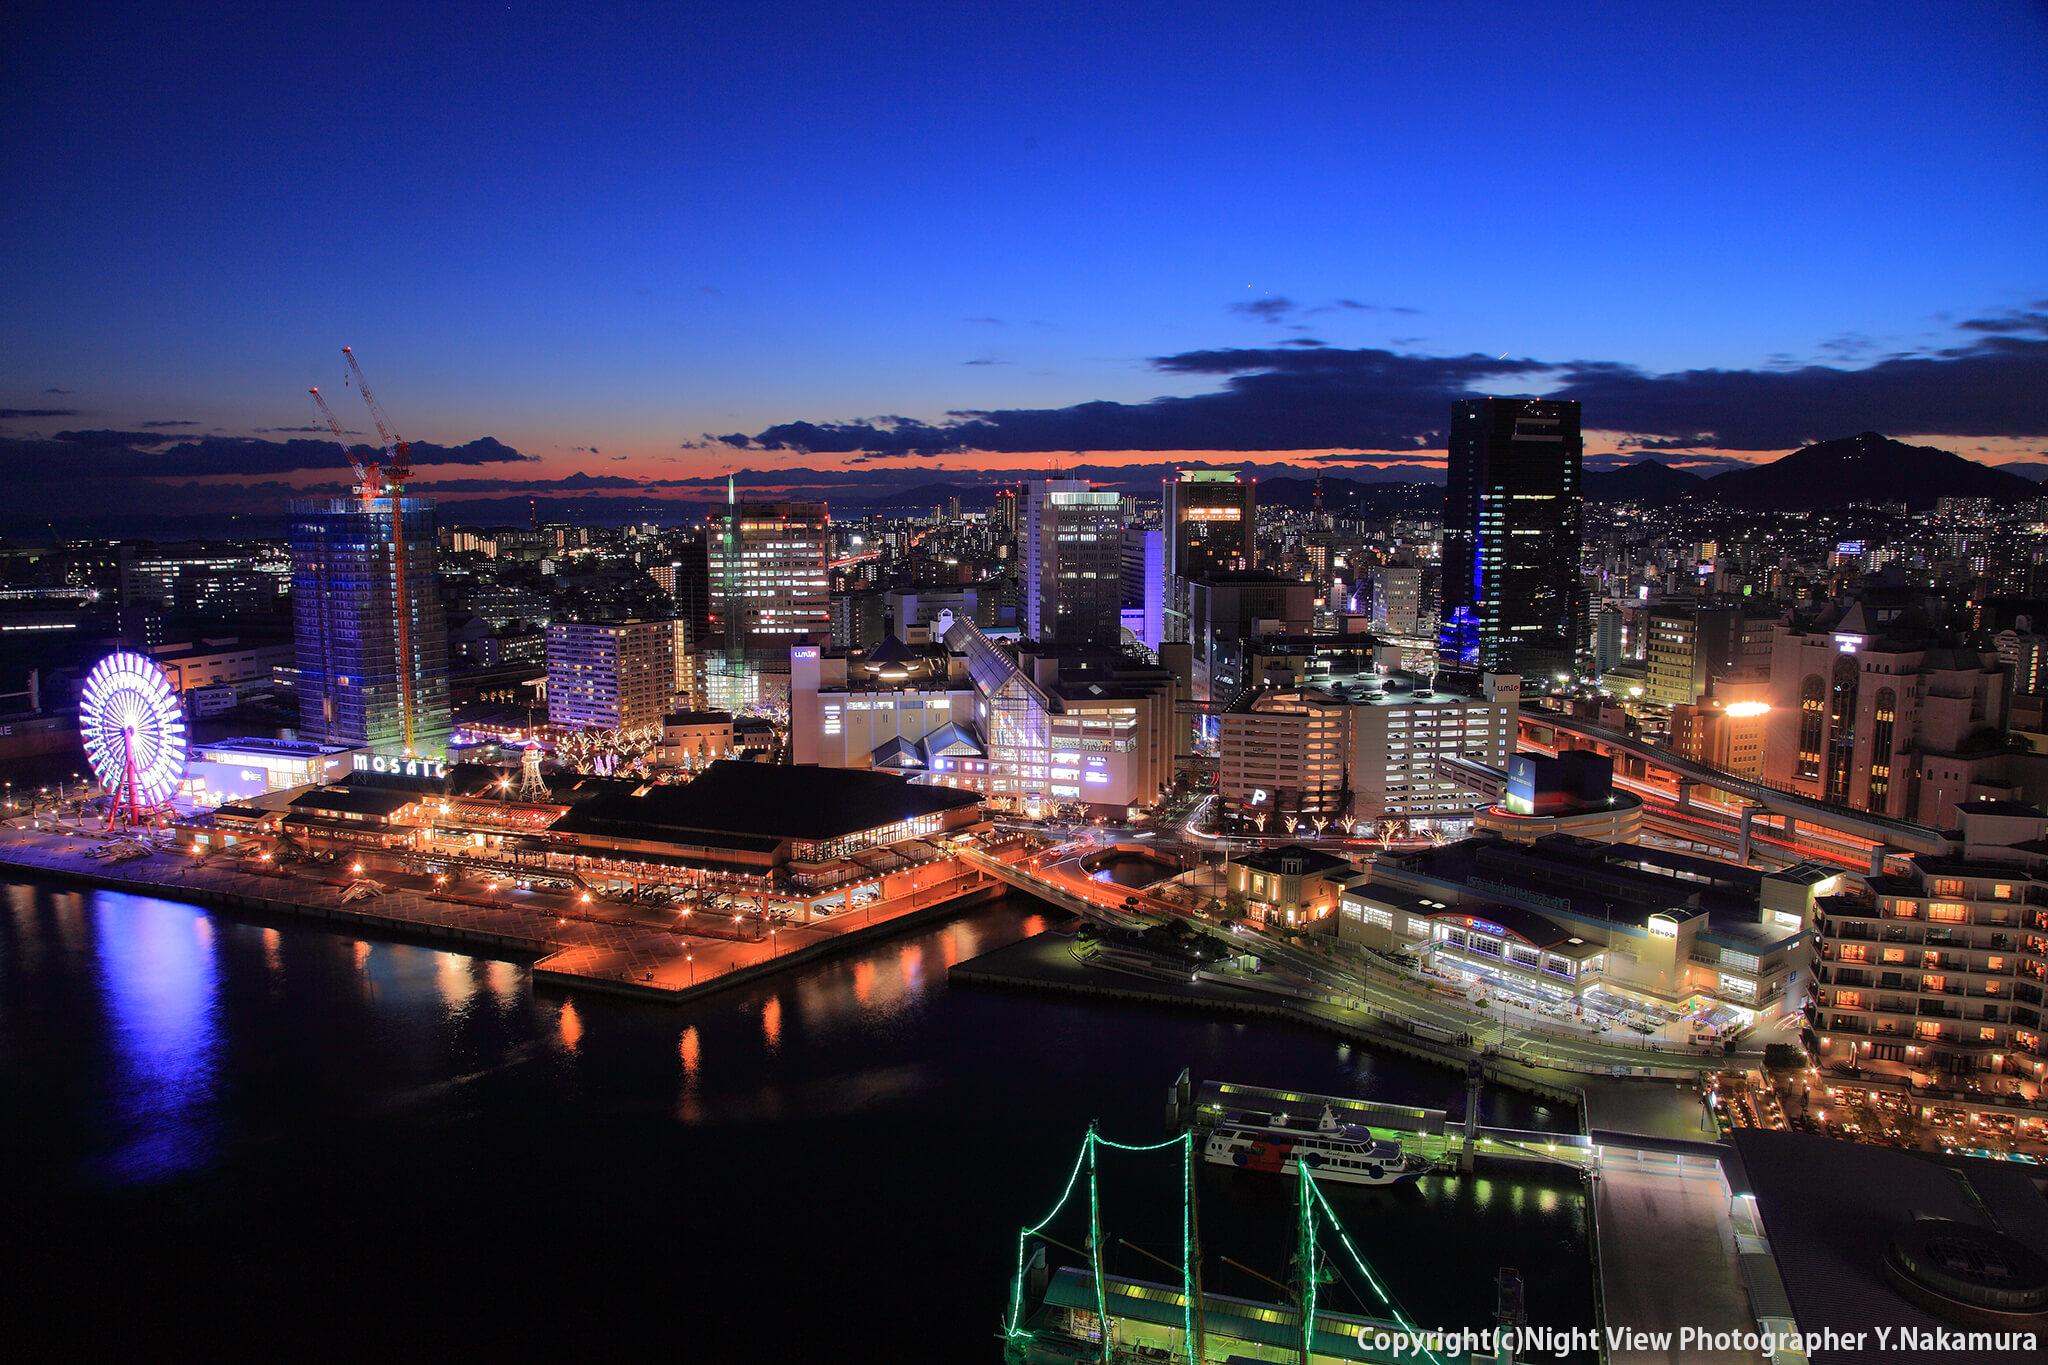 Photo of 神戸港のシンボル!くびれの美しい外観が特徴的「神戸ポートタワー」